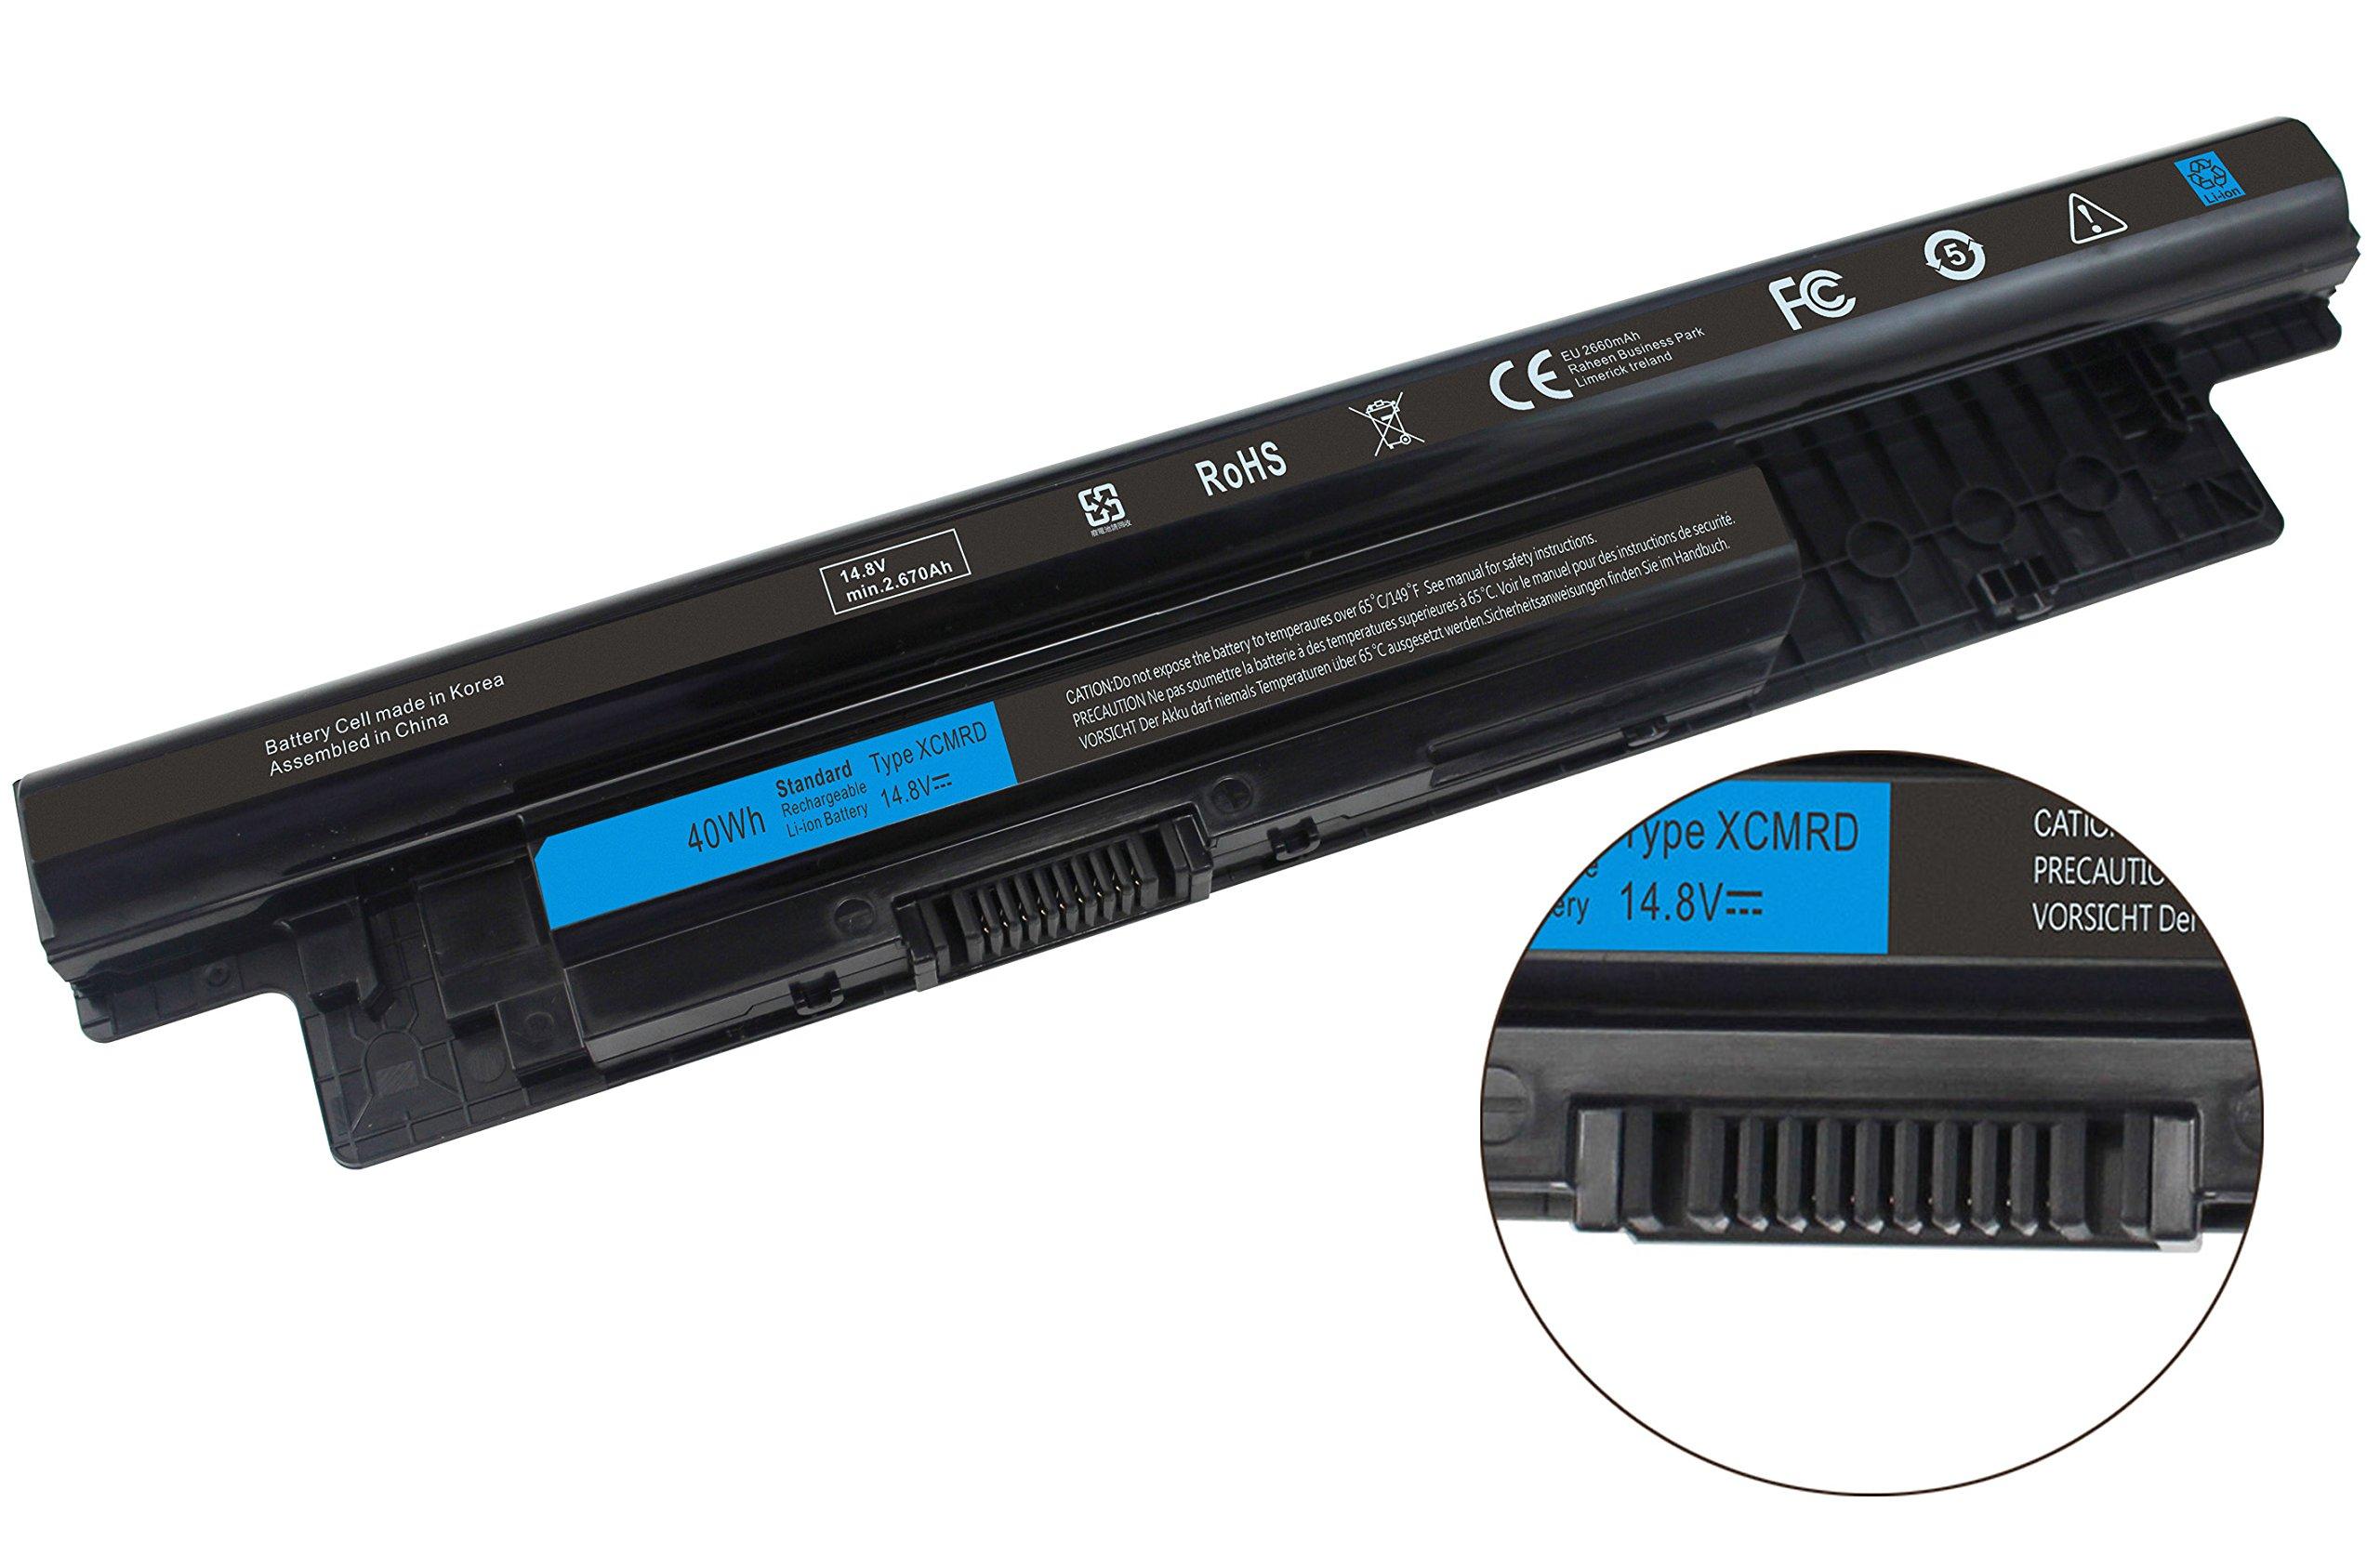 Bateria Xcmrd 14.8v 40wh Para Dell Inspiron 14 15 17 14r 15r 17r Vostro 2421 2521